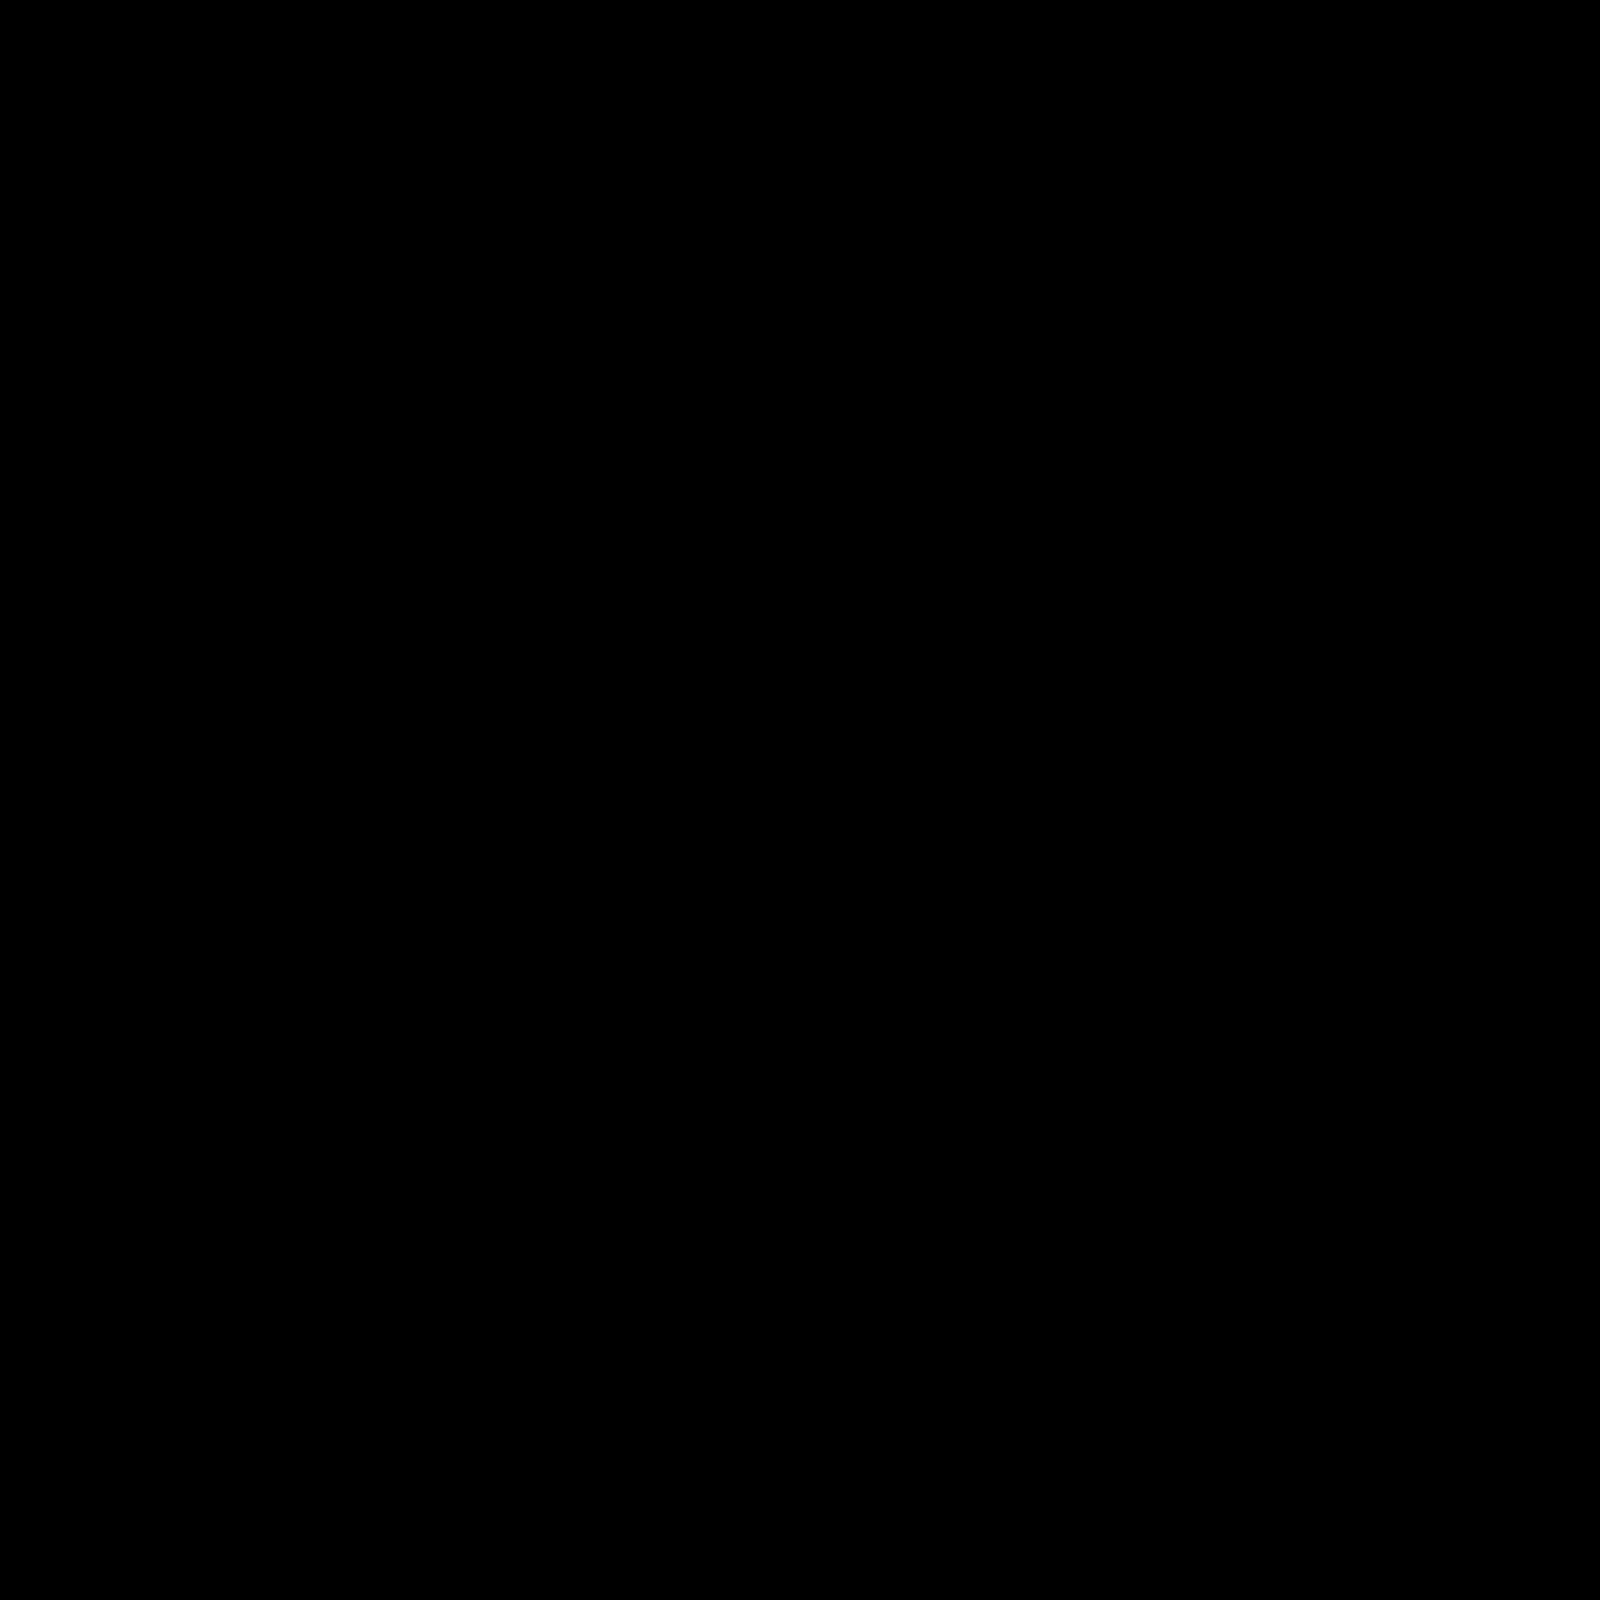 Śrubokręt icon